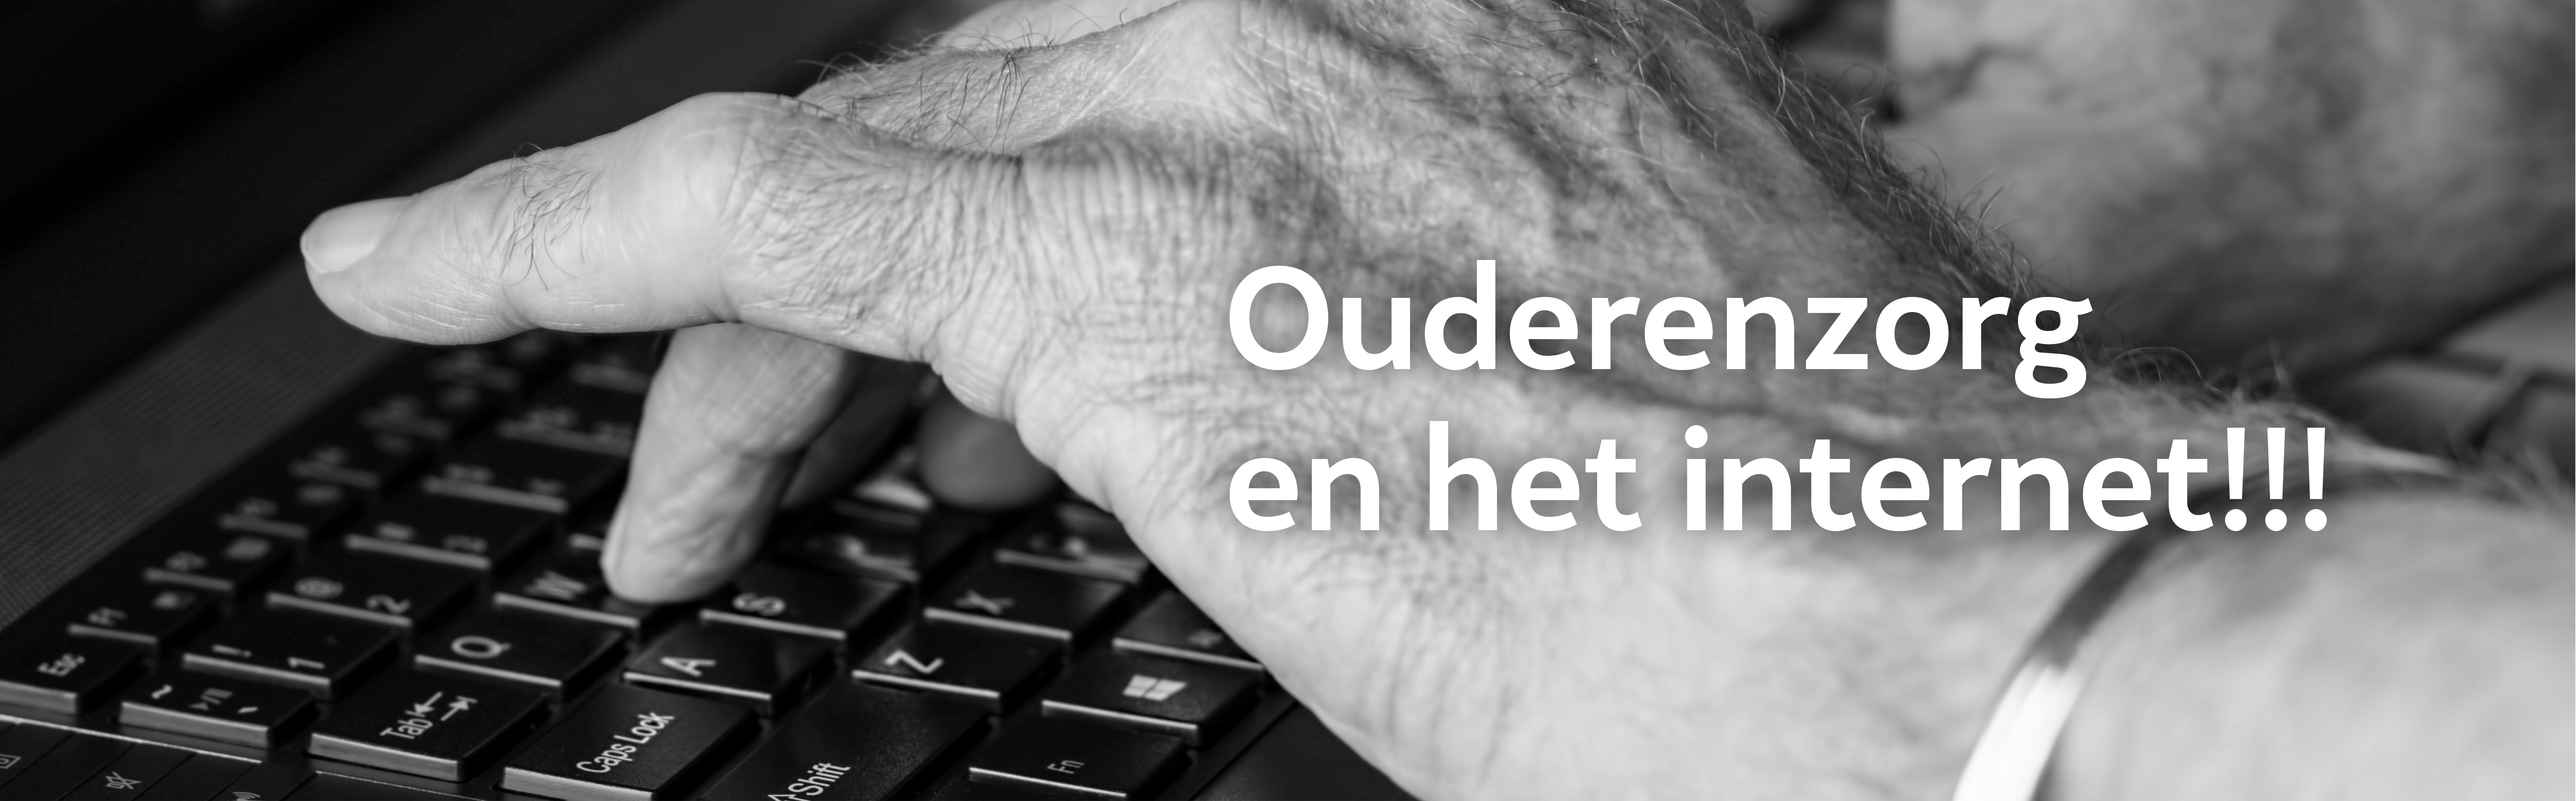 Ouderenzorg-en-het-internet